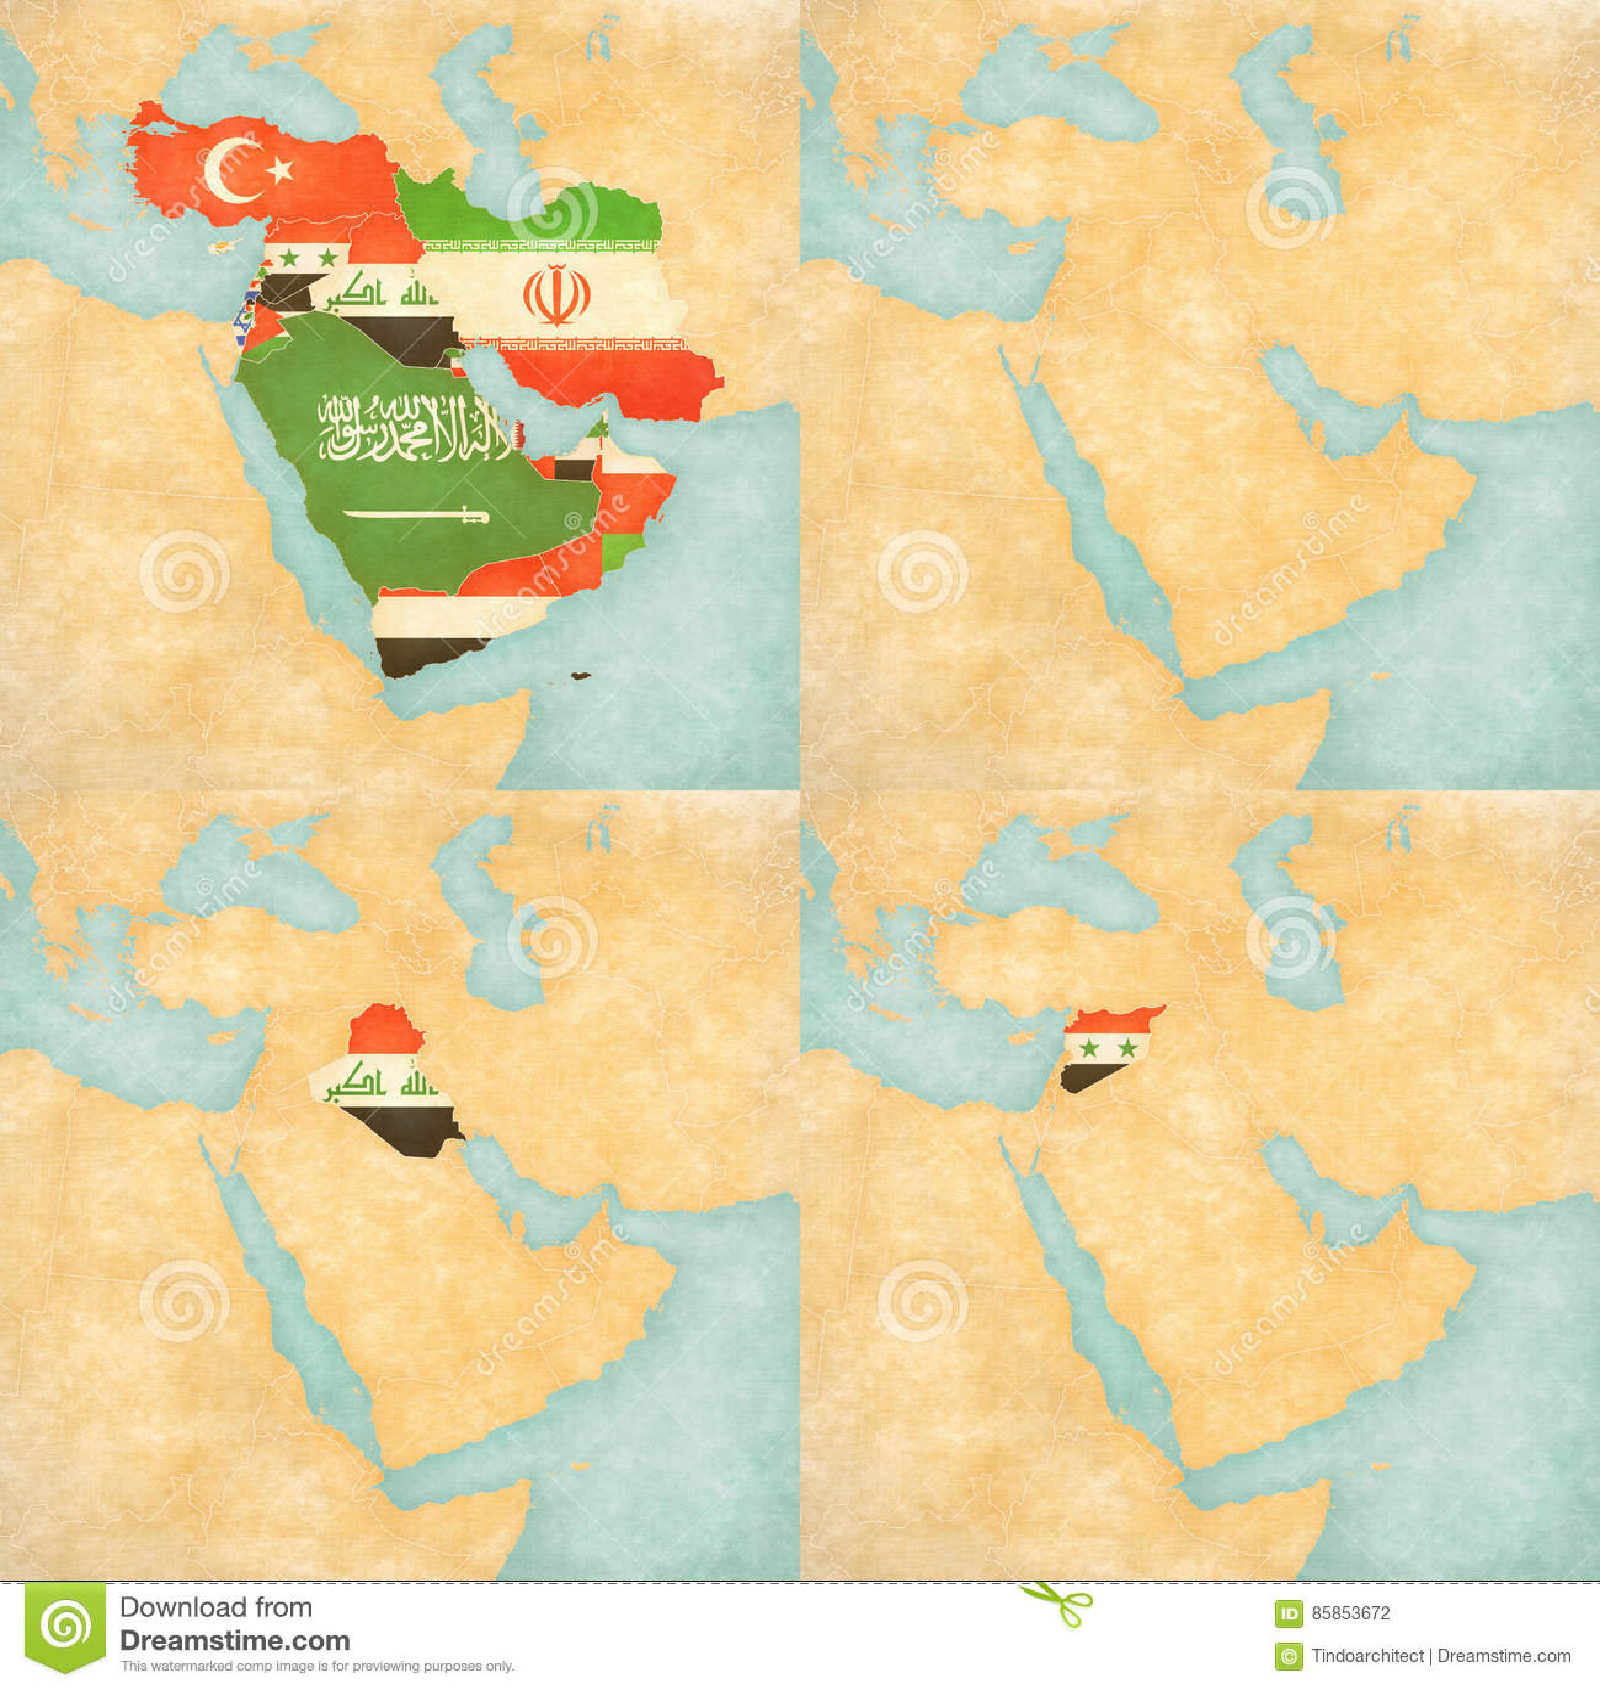 Syrien Irak Karte.Karte Des Mittlere Ostens Asien Alle Länder Leere Karte Der